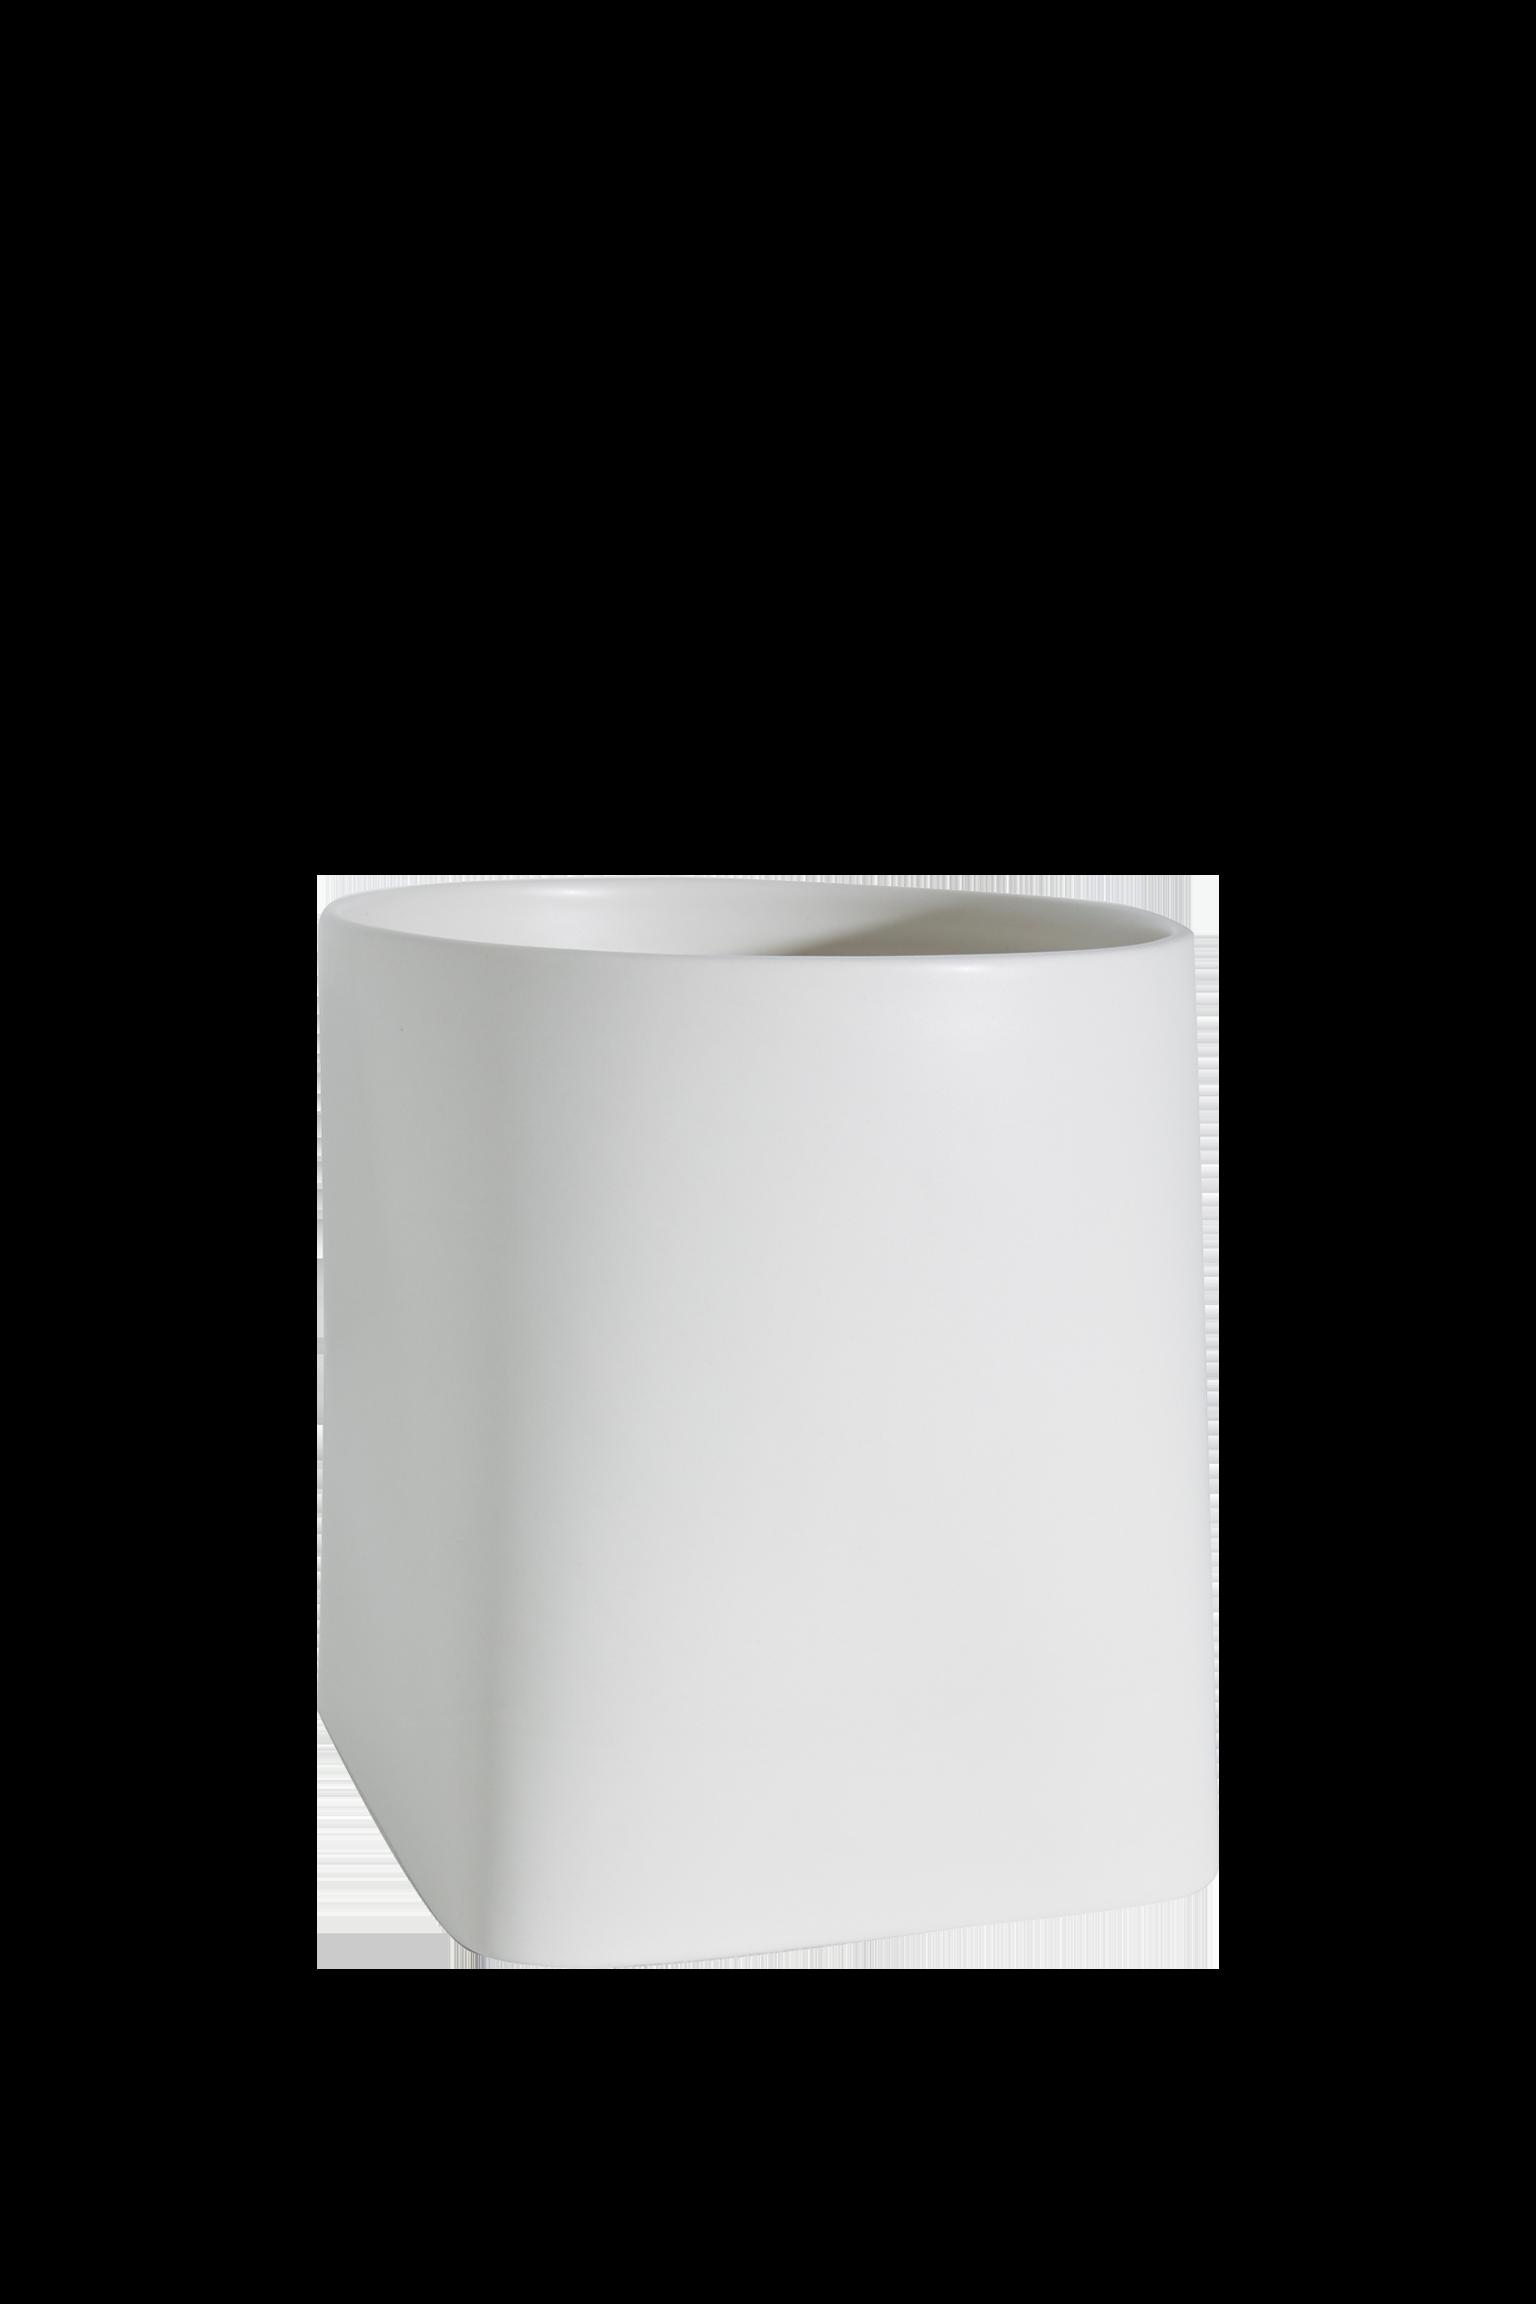 SOMMA - Pot White 20cm